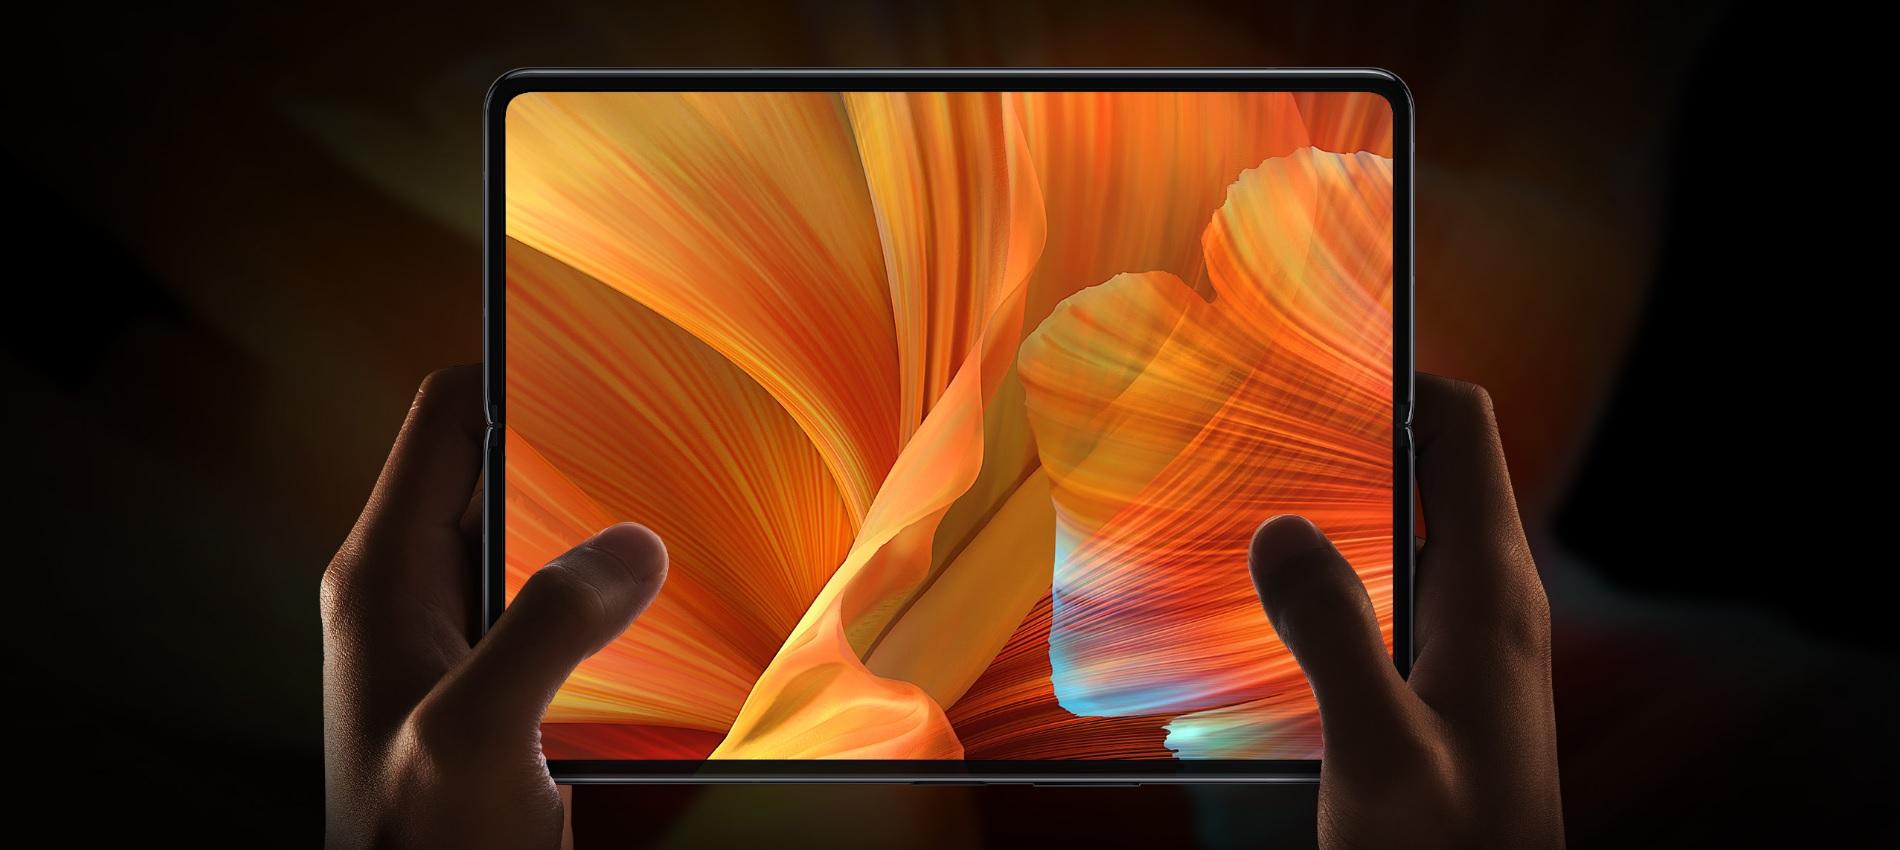 aparat pod ekranem w składanym smartfonie